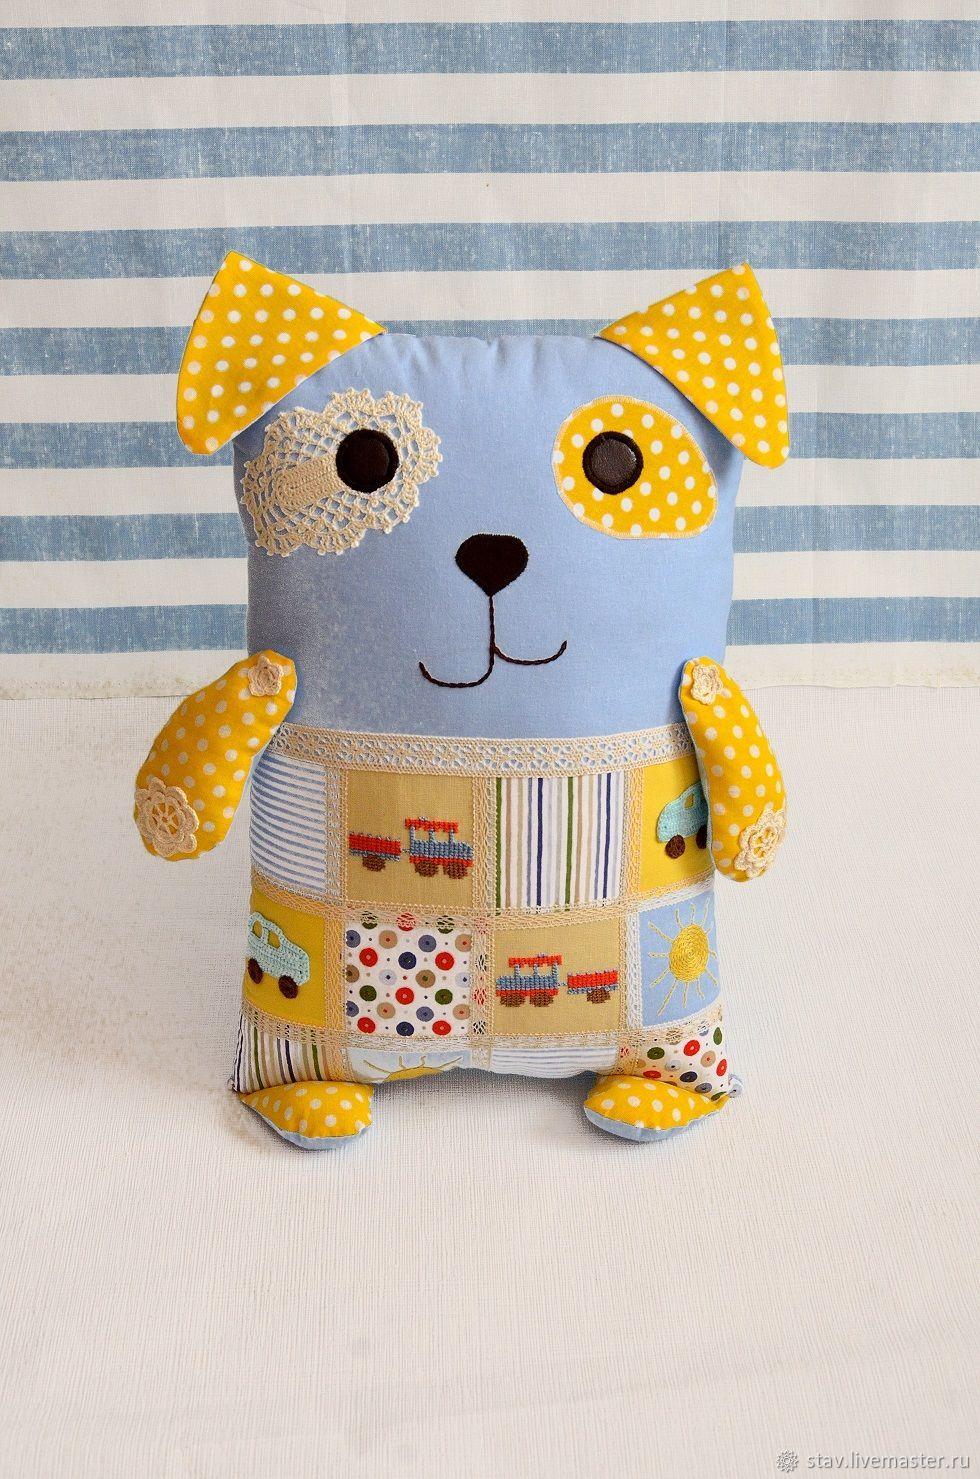 желтый в белый горошек,голубой,желтый,в белую и голубую полоску,в разноцветную полоску,в разноцветный горошек